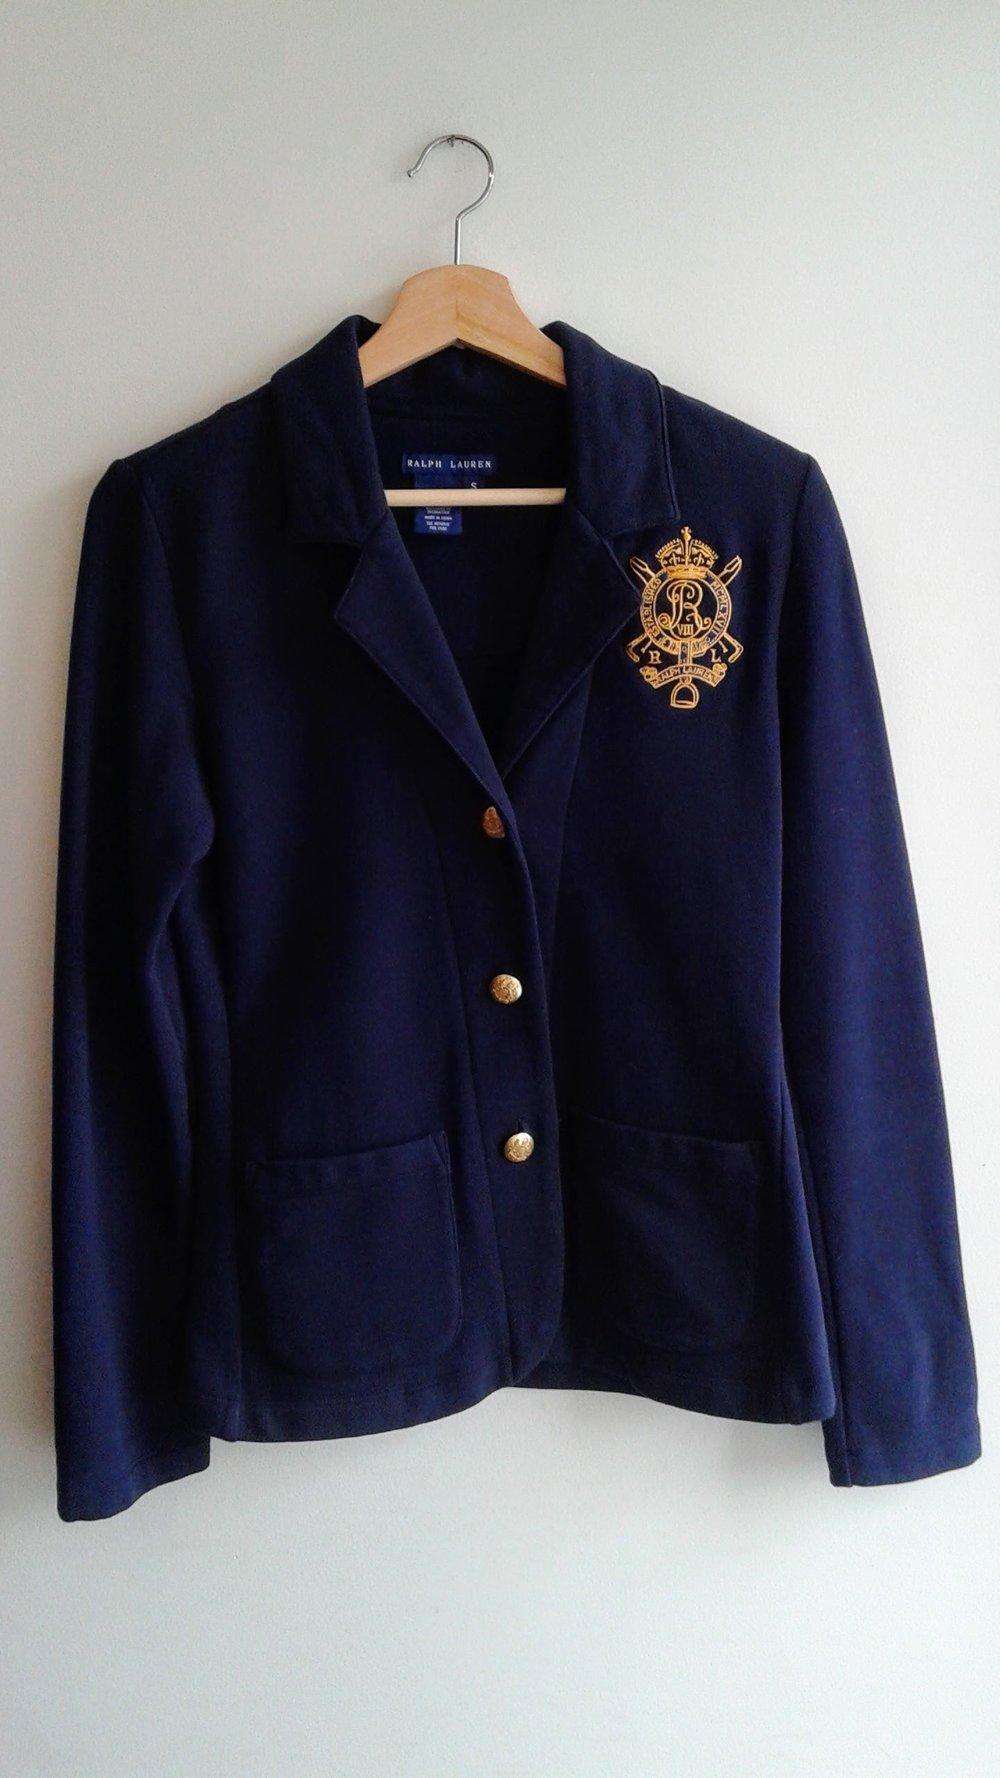 Ralph Lauren blazer; Size S, $46